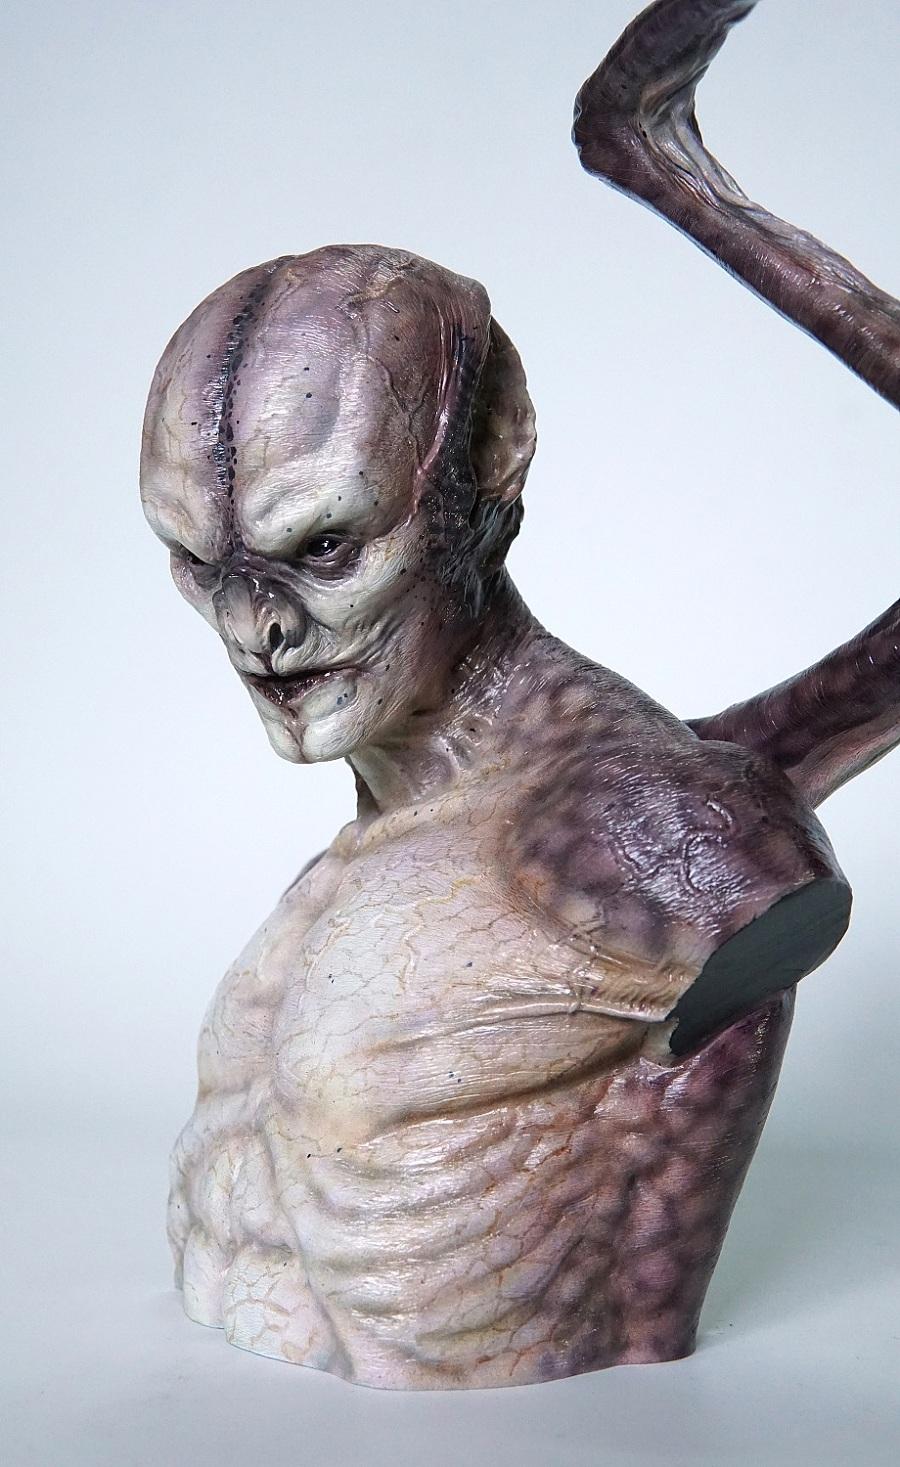 查看《【gk涂装】《黑夜传说2》马库斯胸像》原图,原图尺寸:920x1500